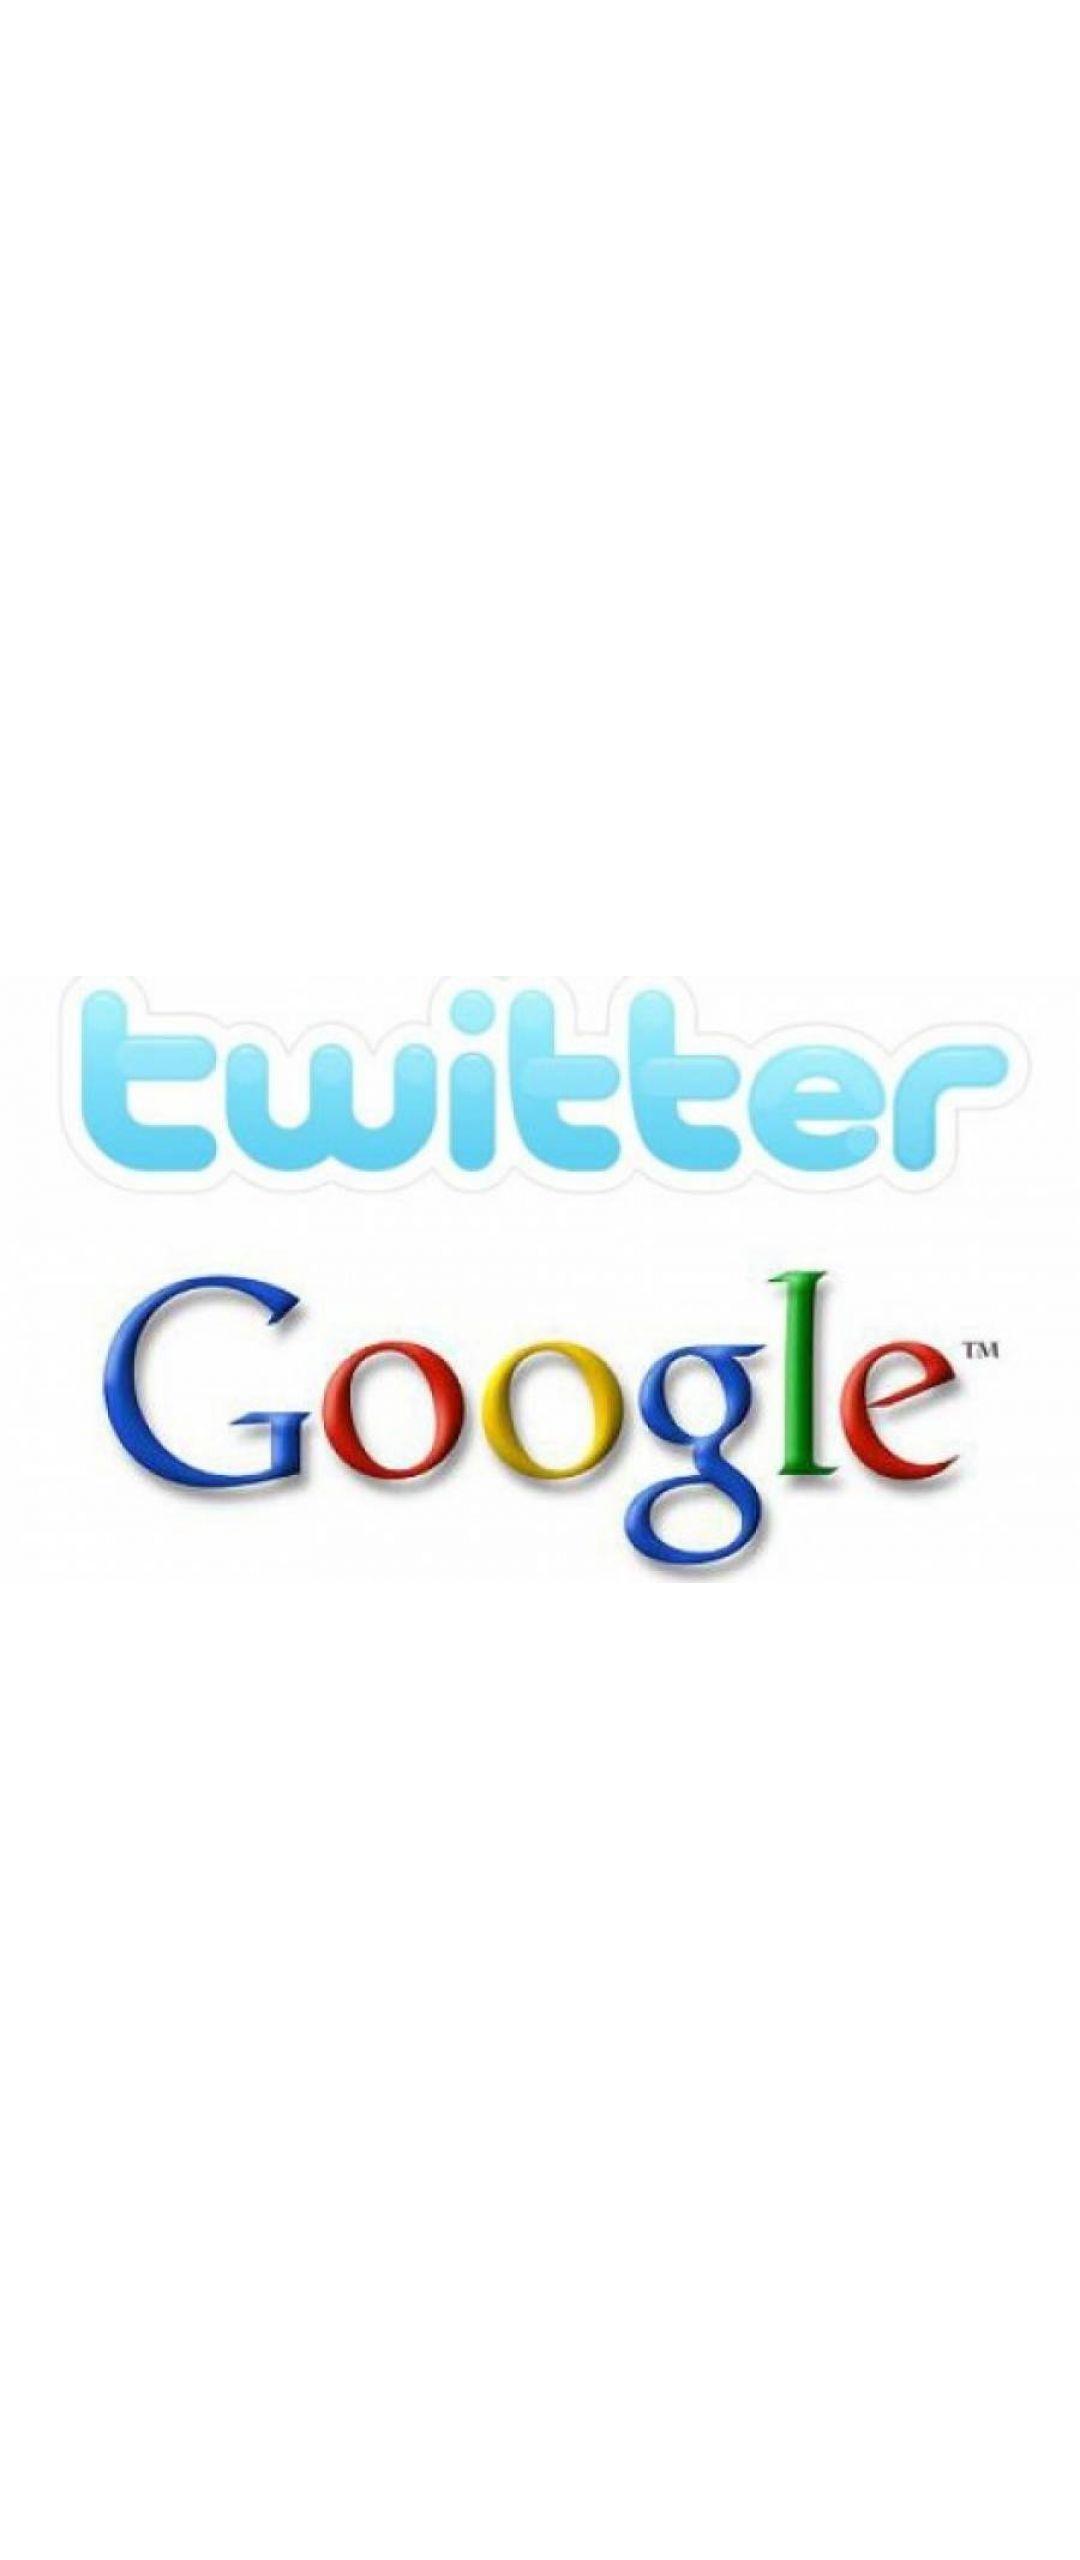 Twitter mejoró su versión móvil en conjunto con Google